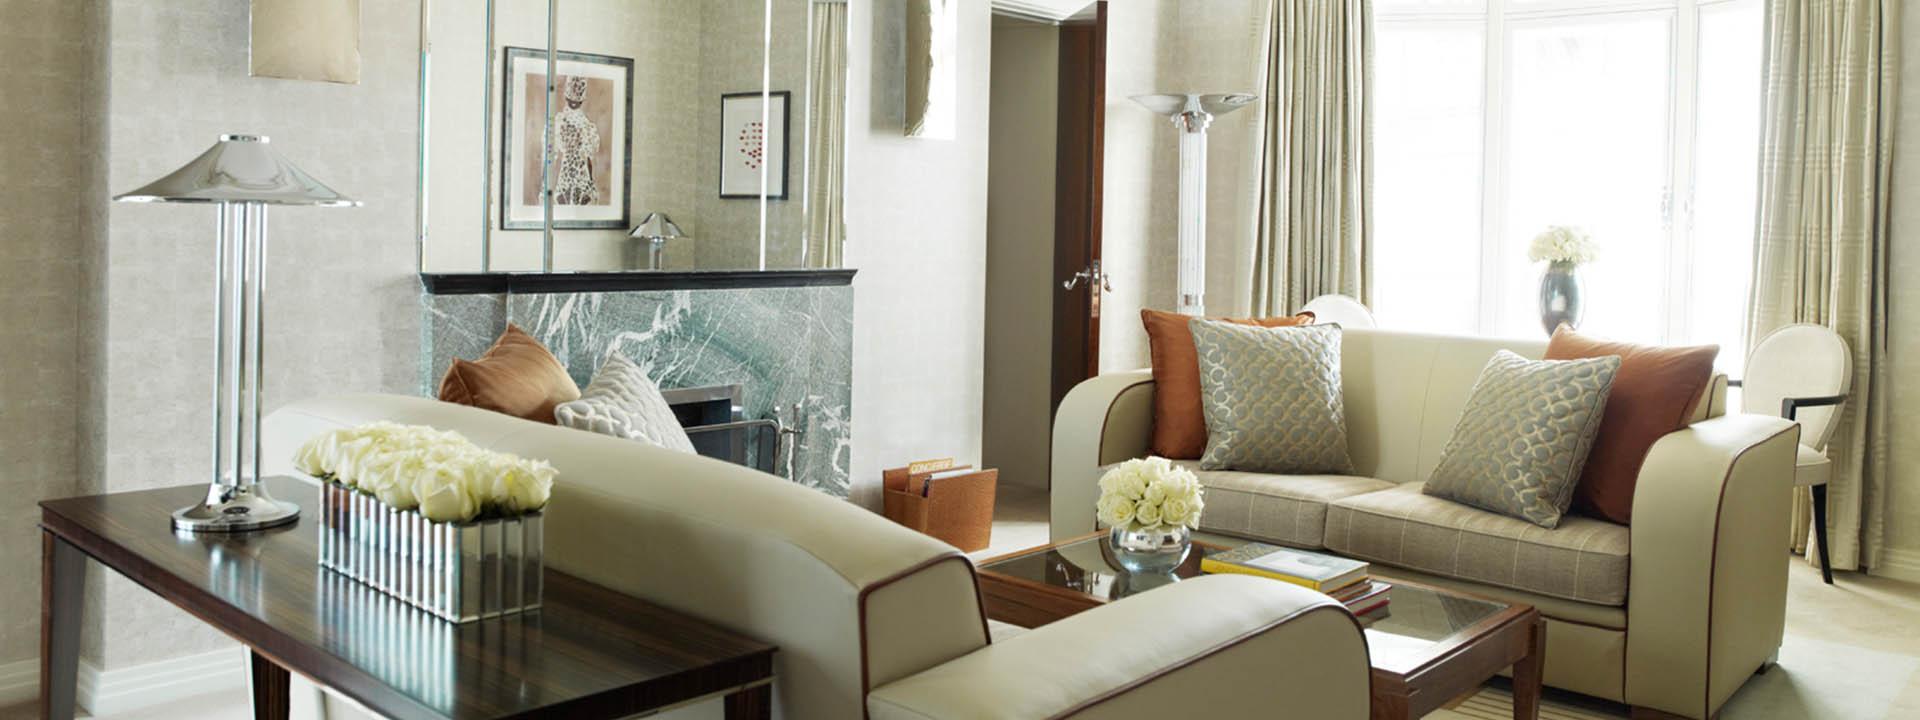 Claridge's Suite Sitting Area